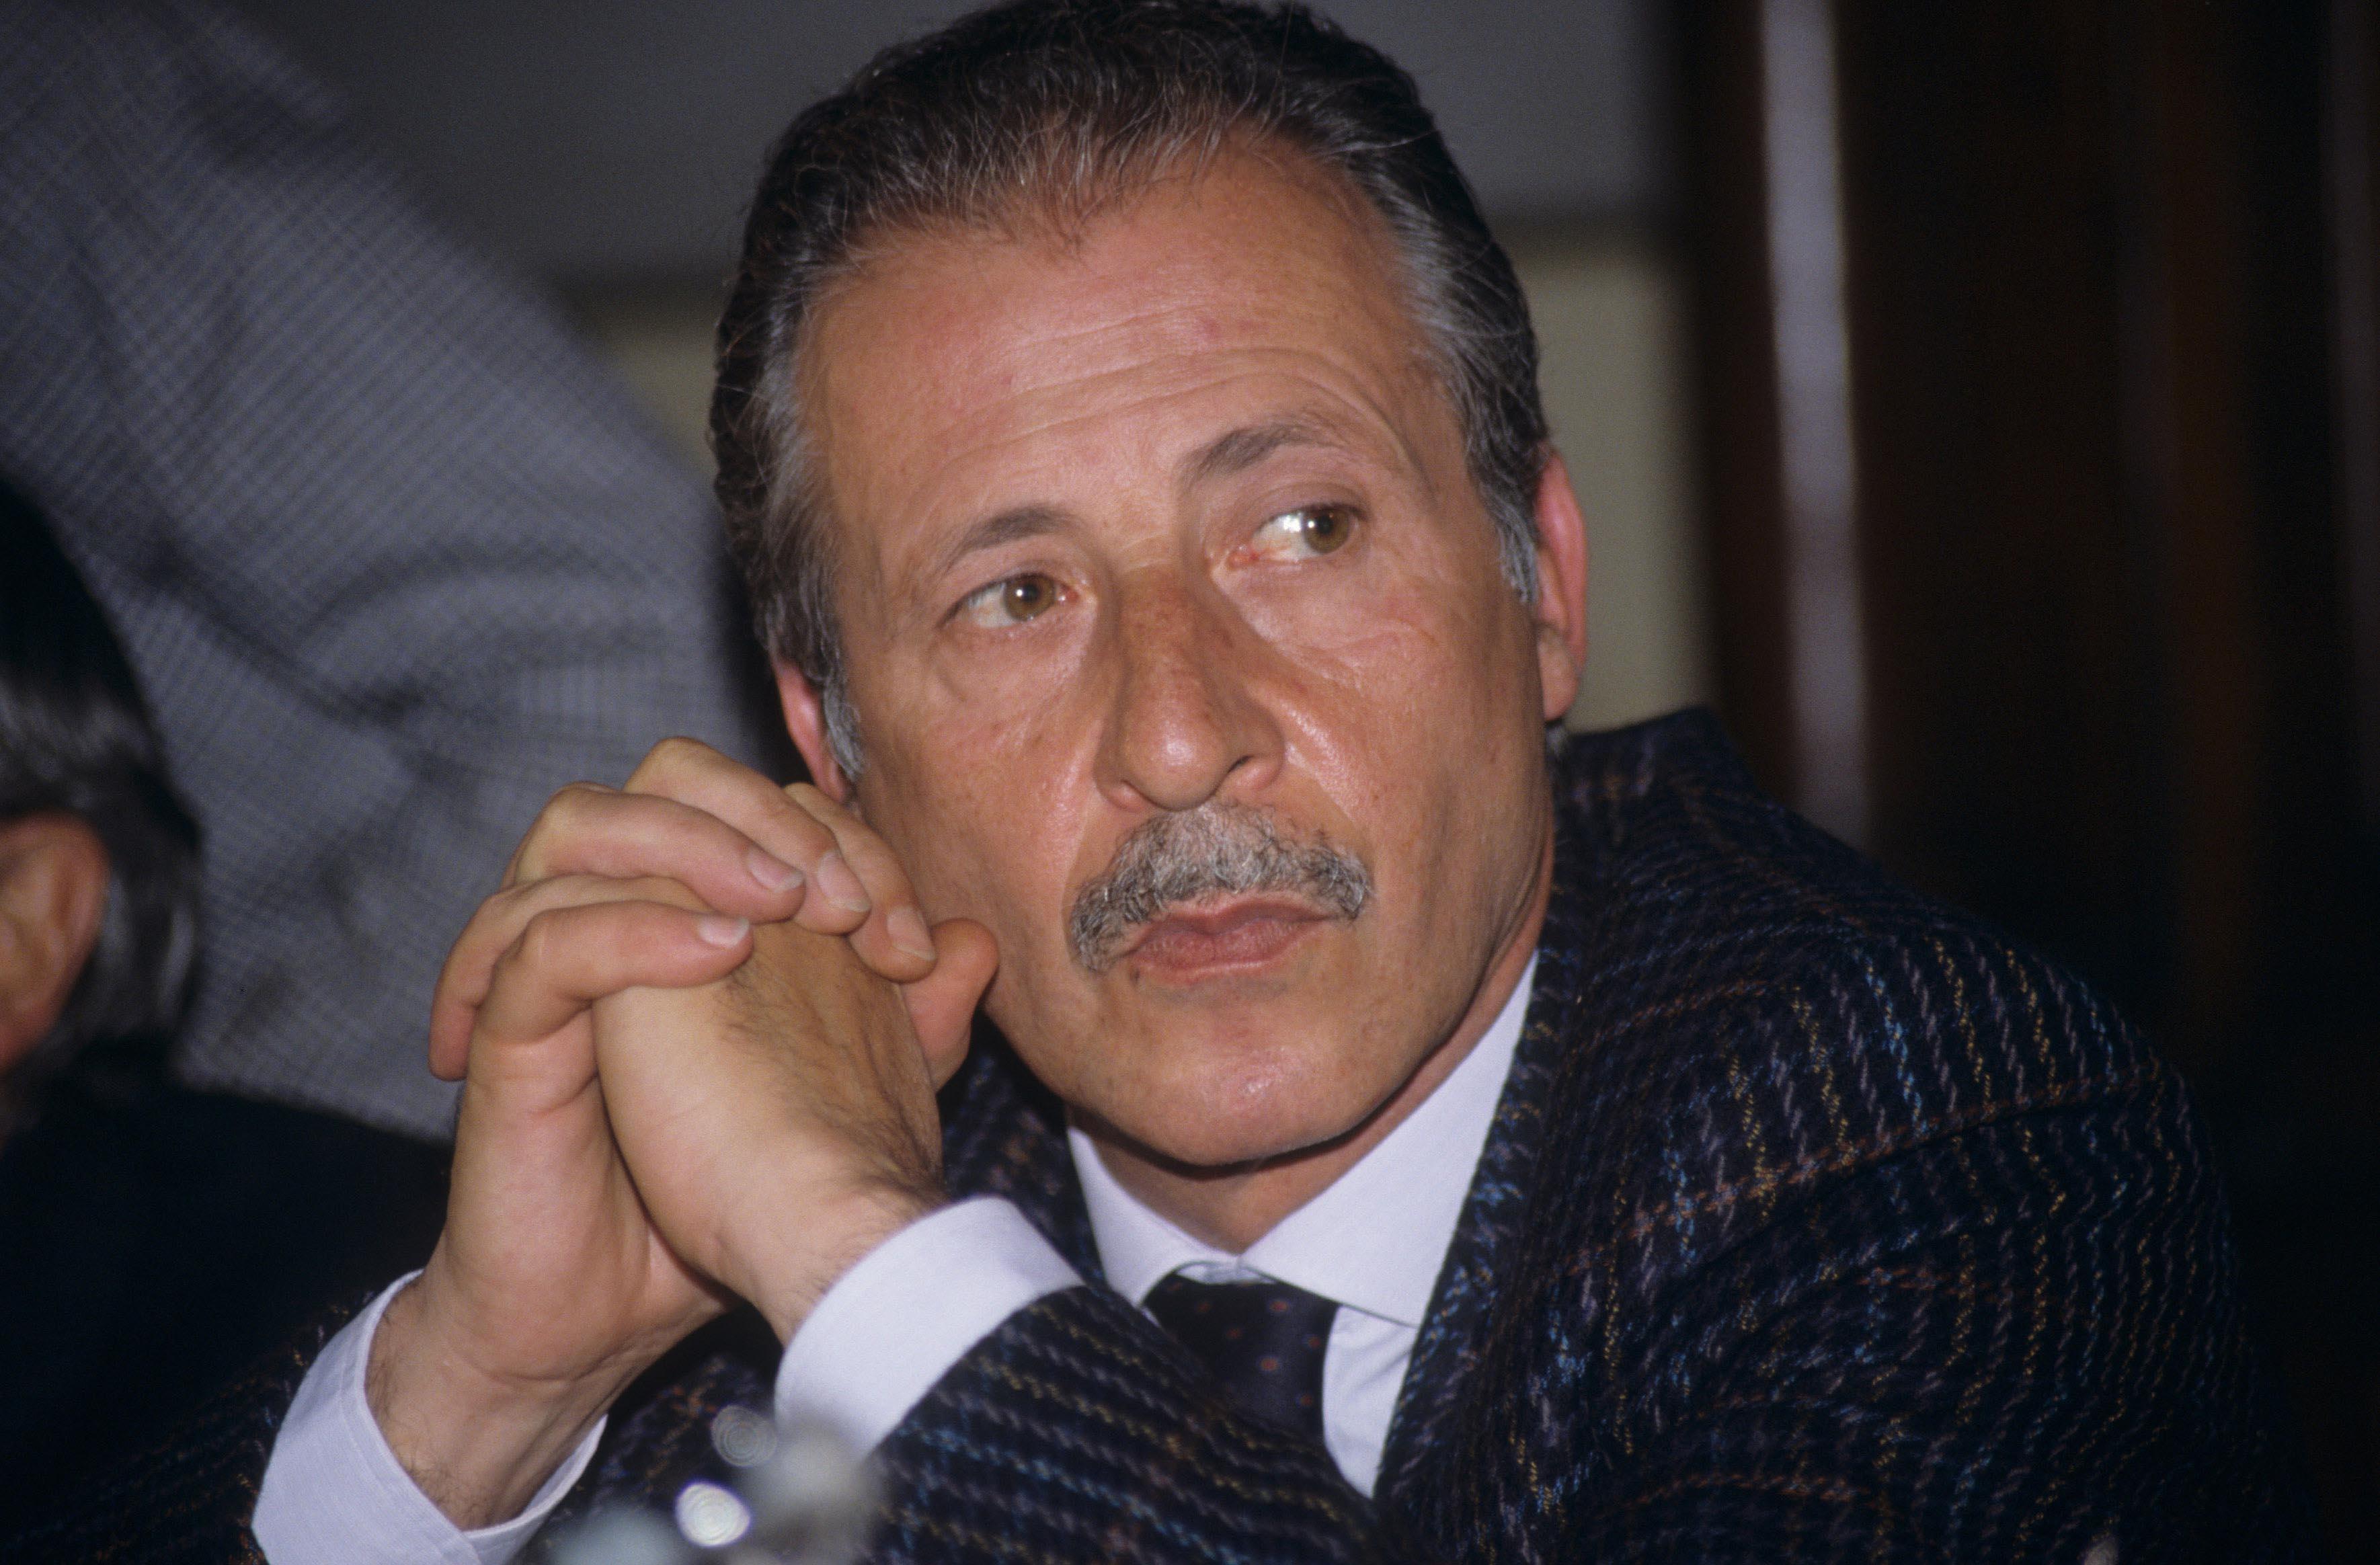 19 luglio 1992: la mafia uccide Paolo Borsellino e la sua scorta (di Giampaolo Cassitta)